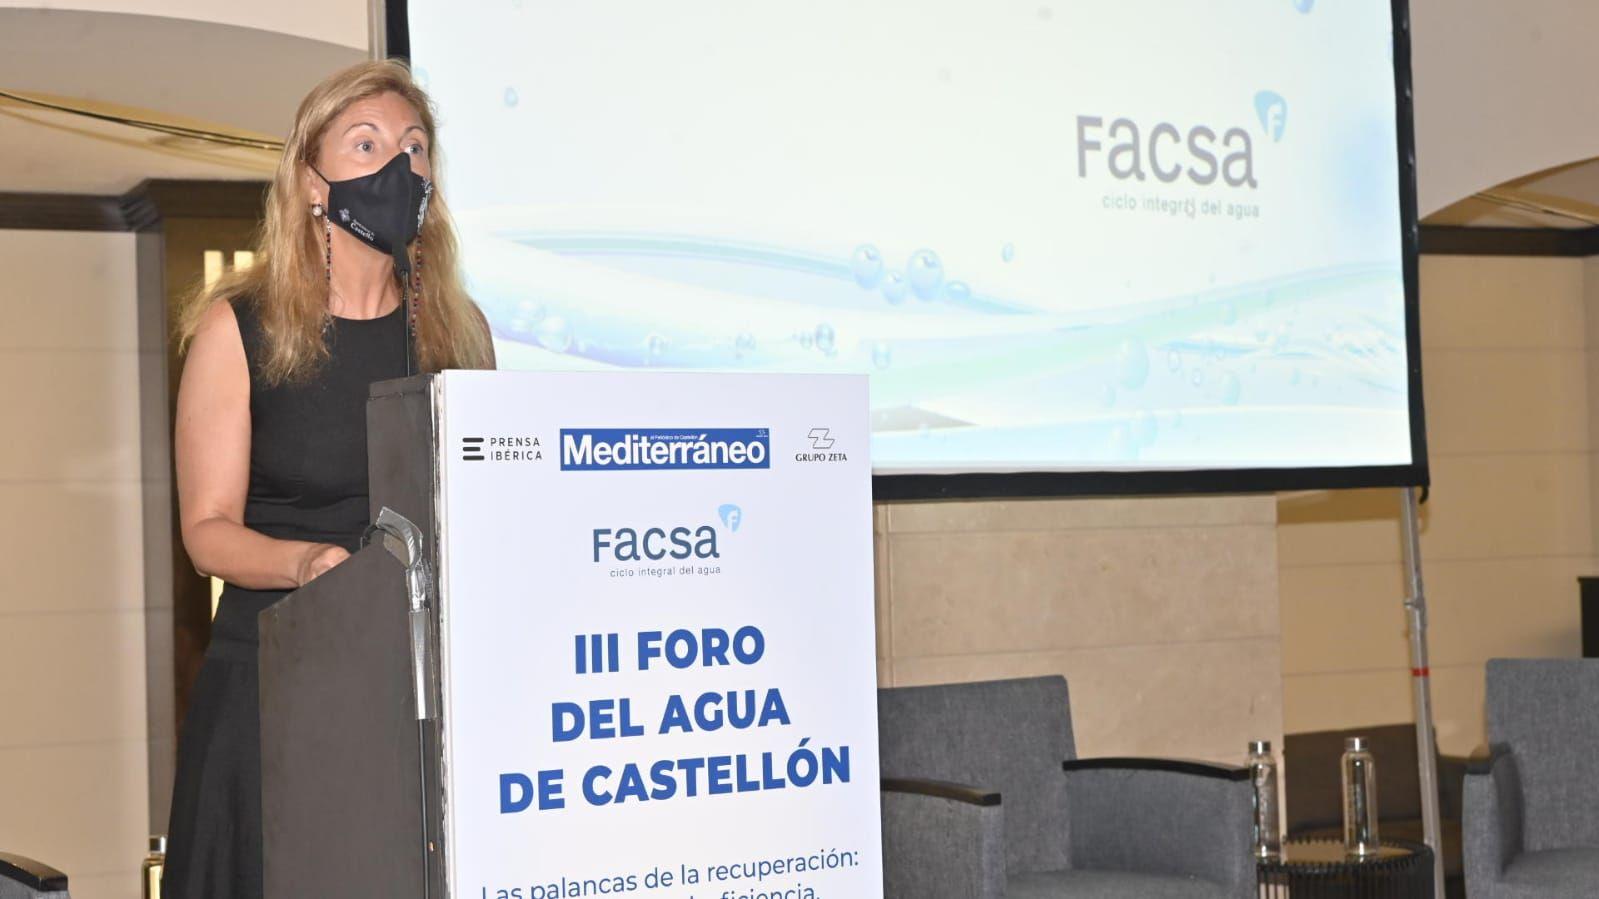 III Foro del Agua de Castellón